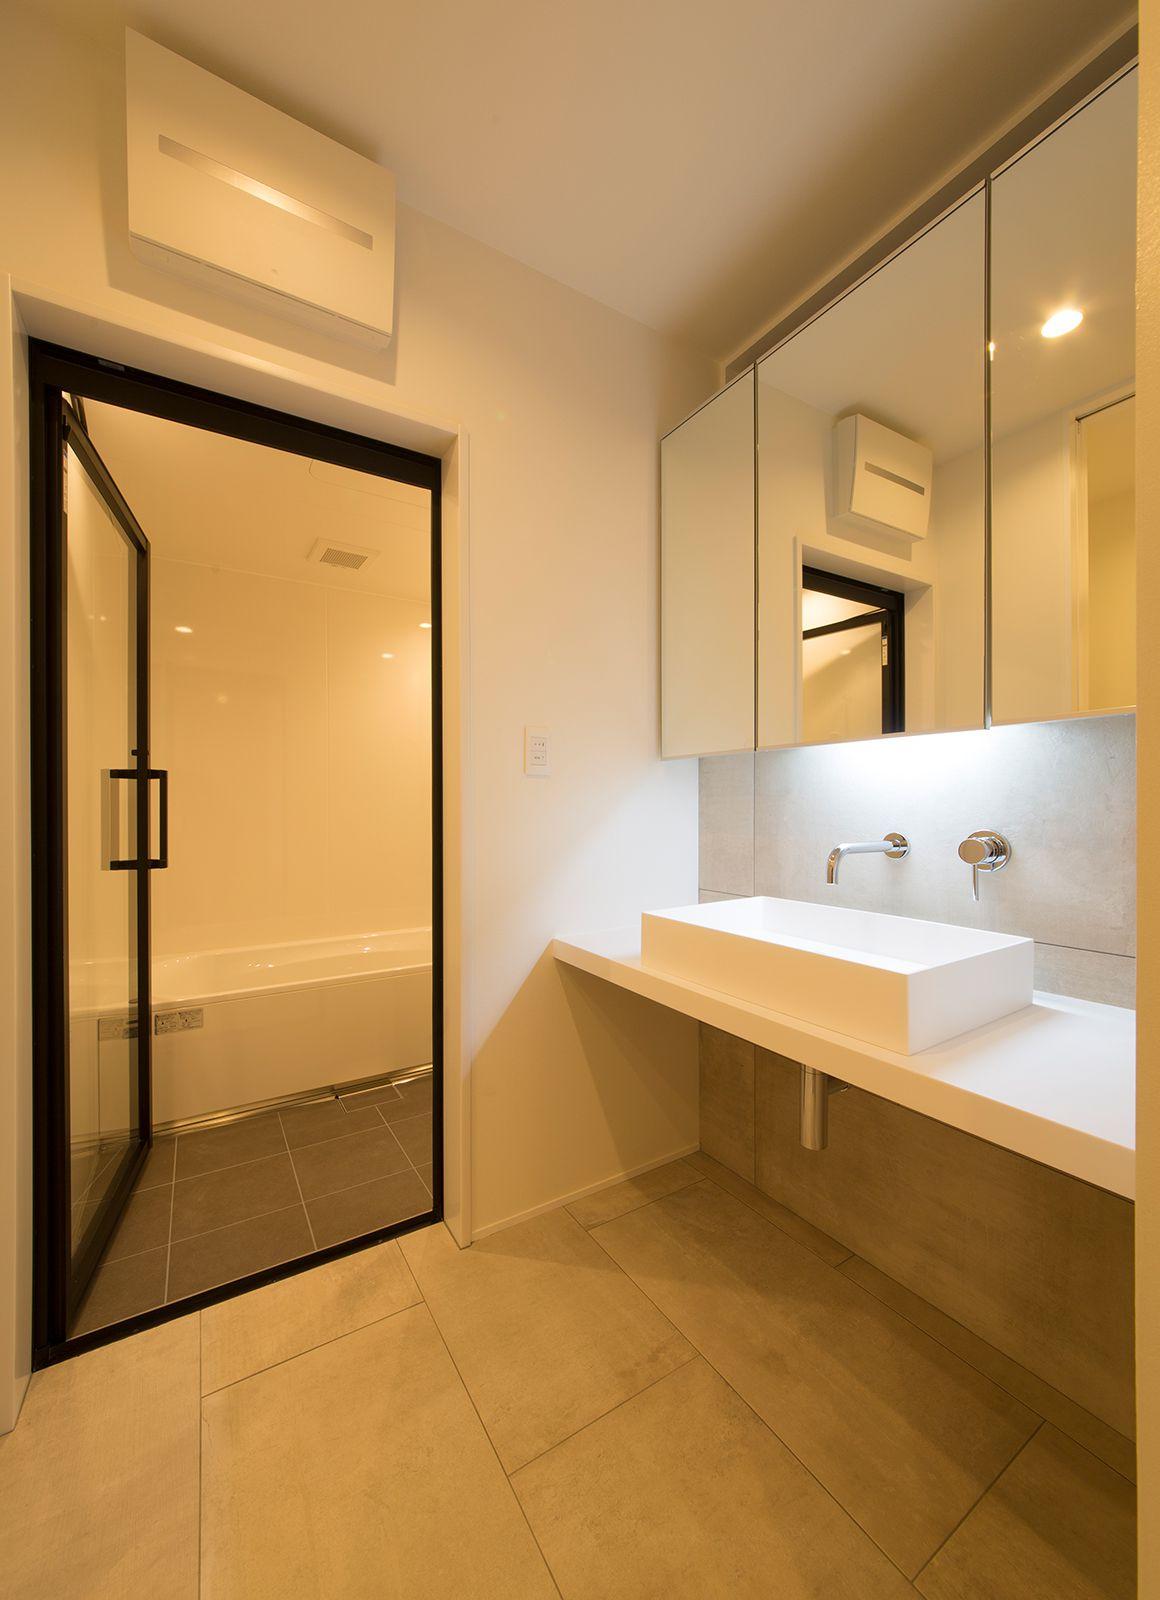 ルンバブルハウスの浴室・洗面室1